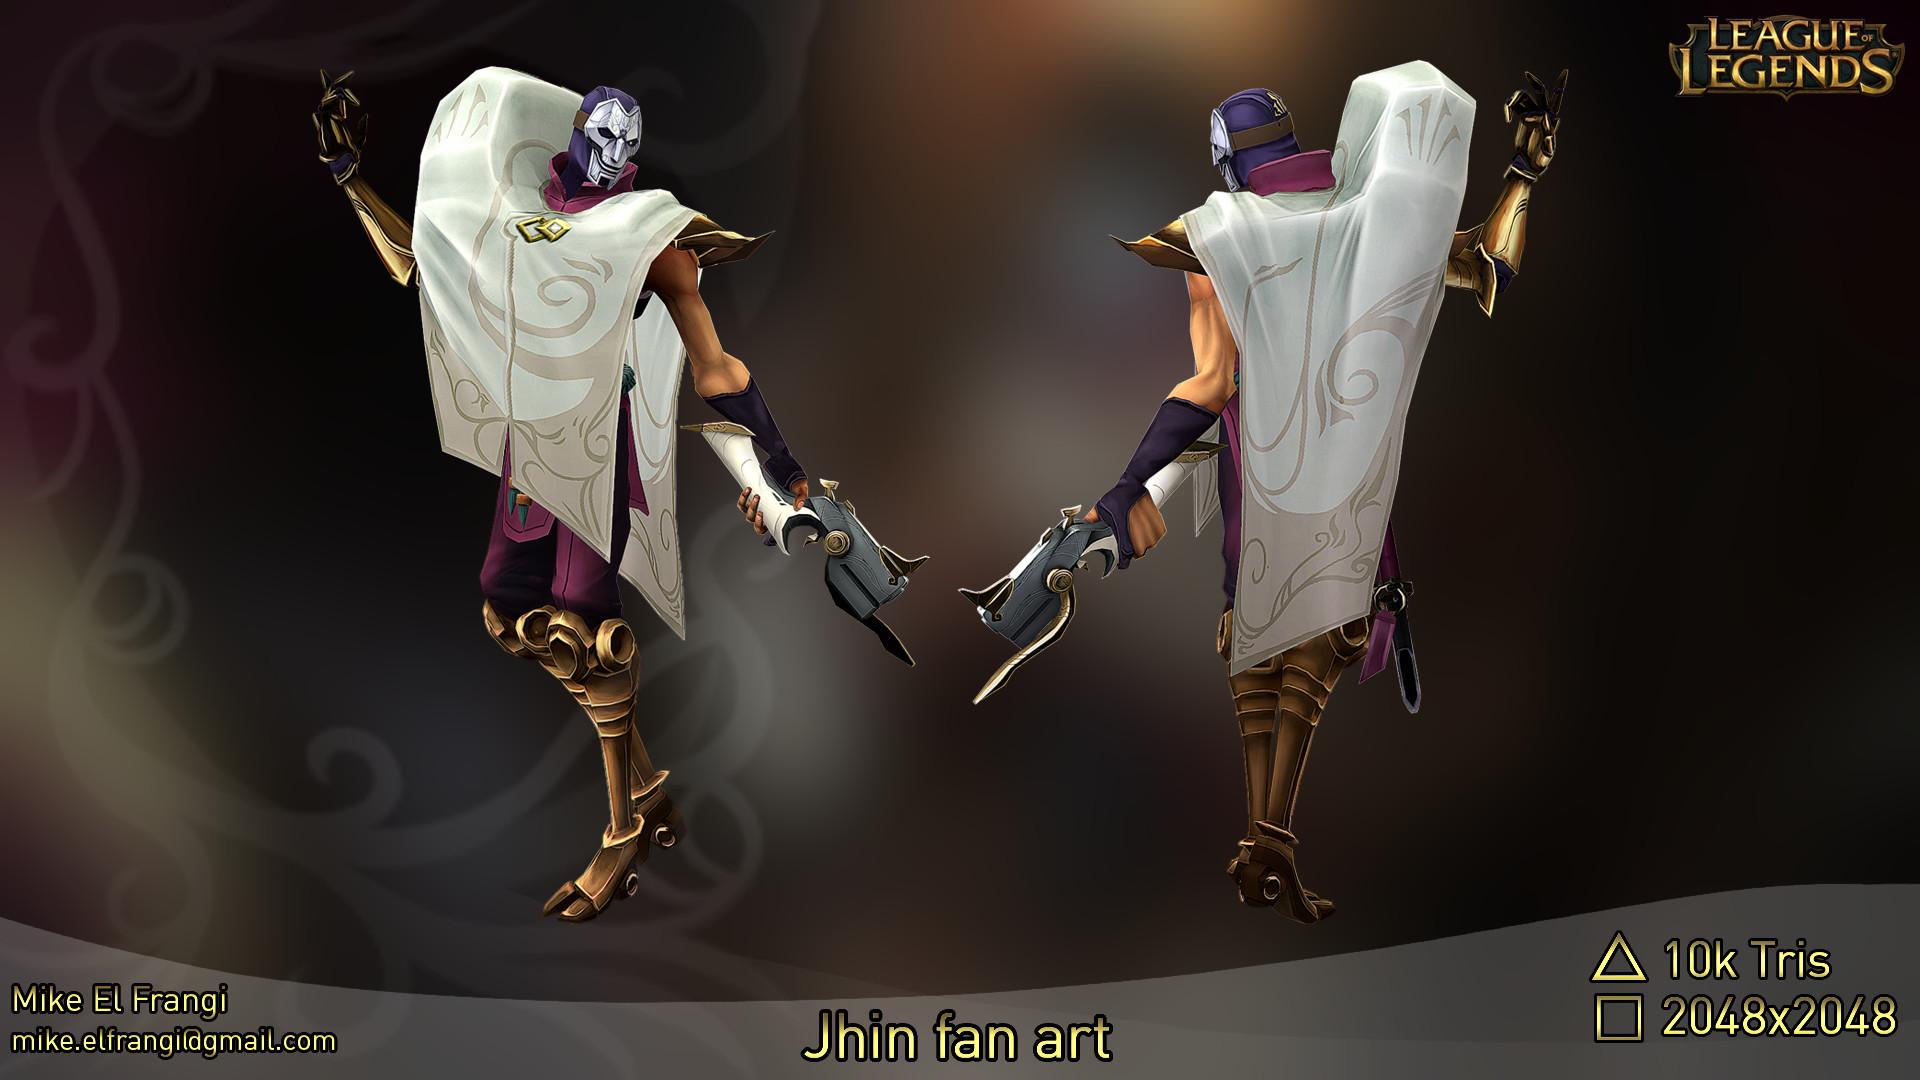 3d Lol Wallpaper Artstation League Of Legends Jhin The Virtuoso Fan Art